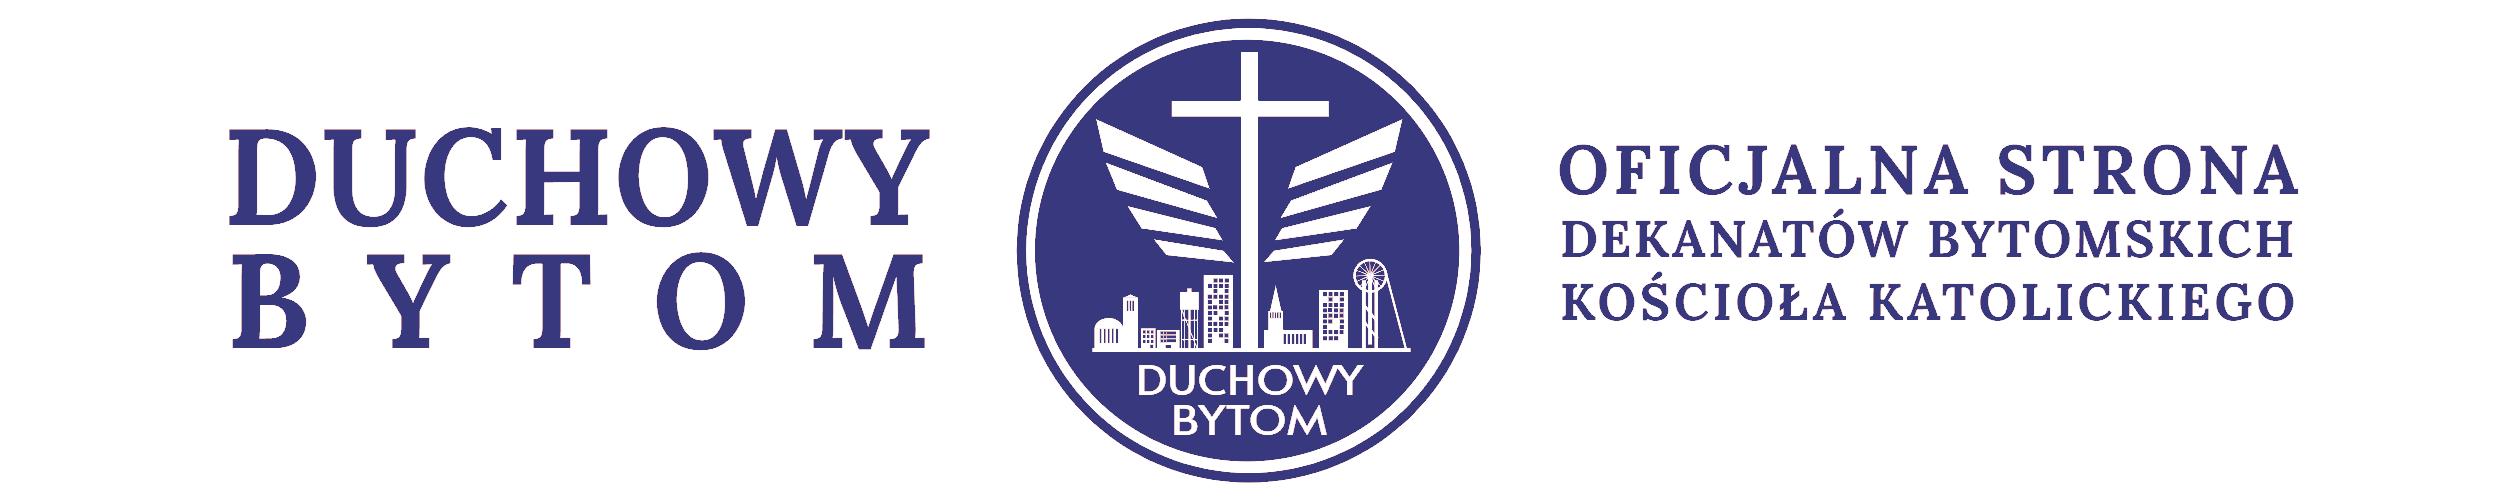 Duchowy Bytom